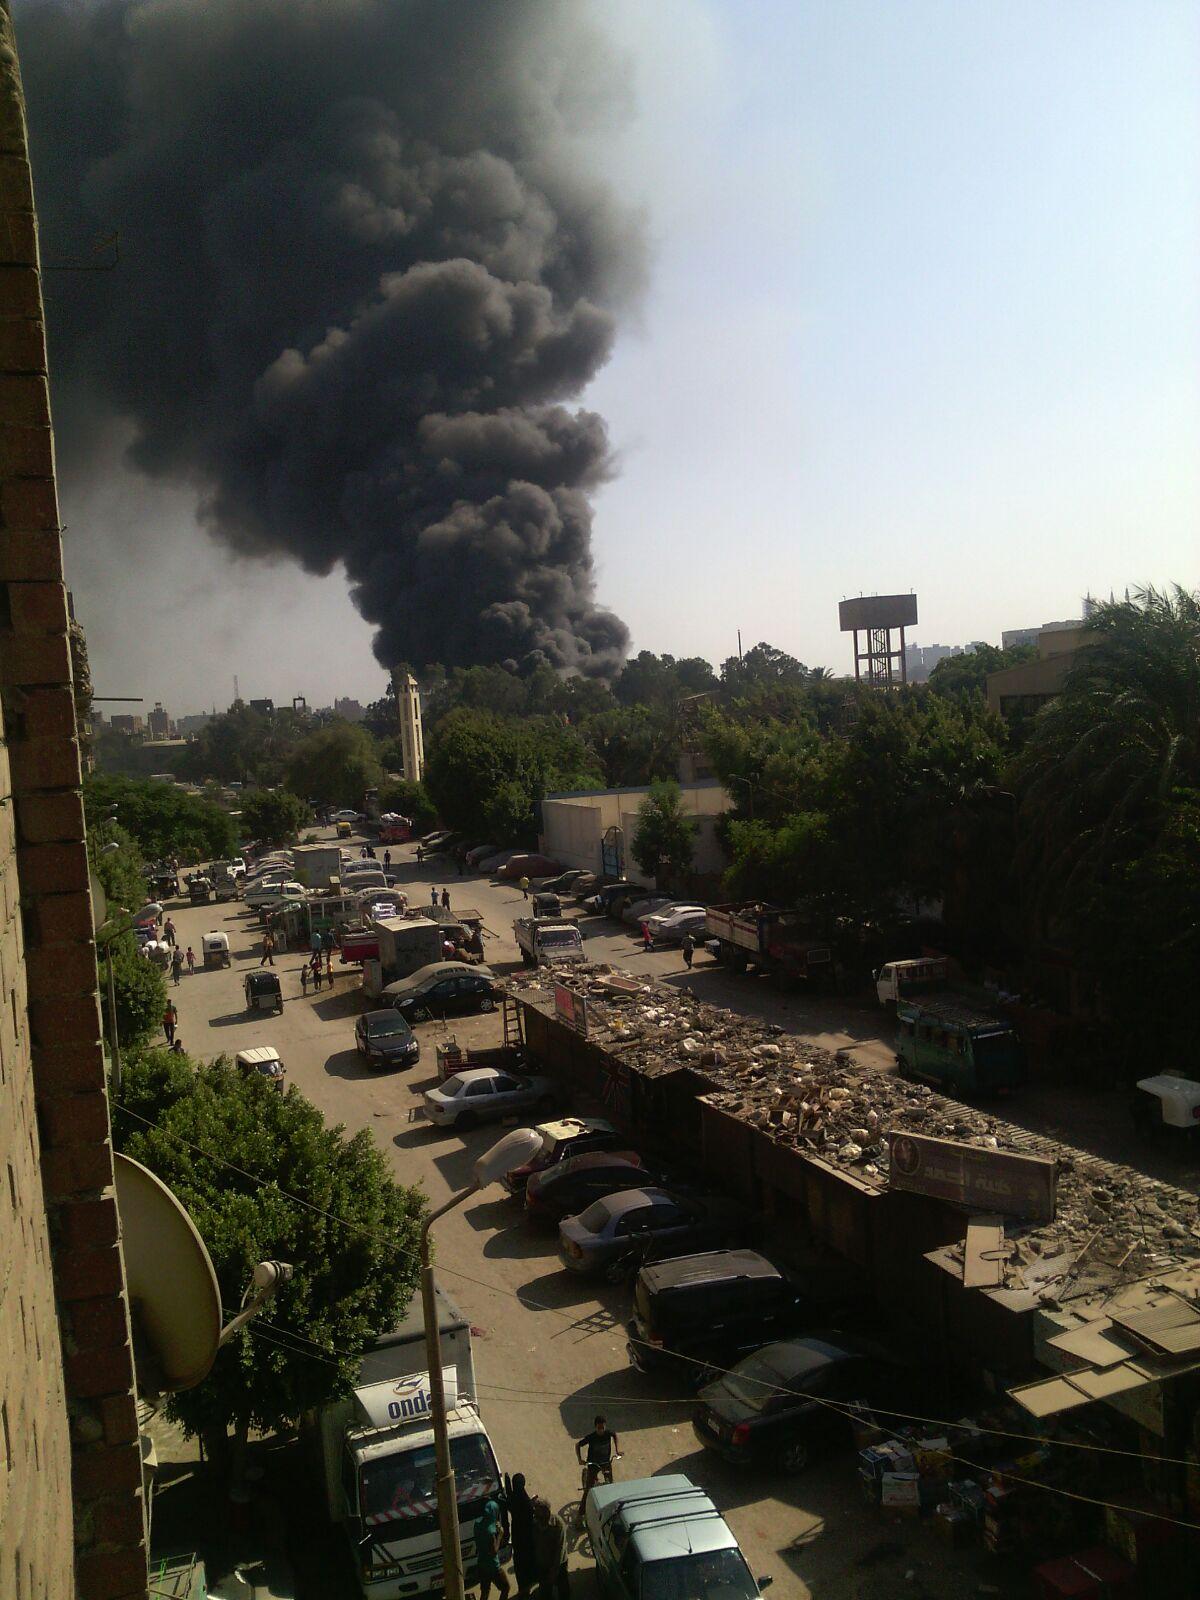 عاجل: اندلاع حريق هائل في شركة للبلاستيك بشبرا الخيمة